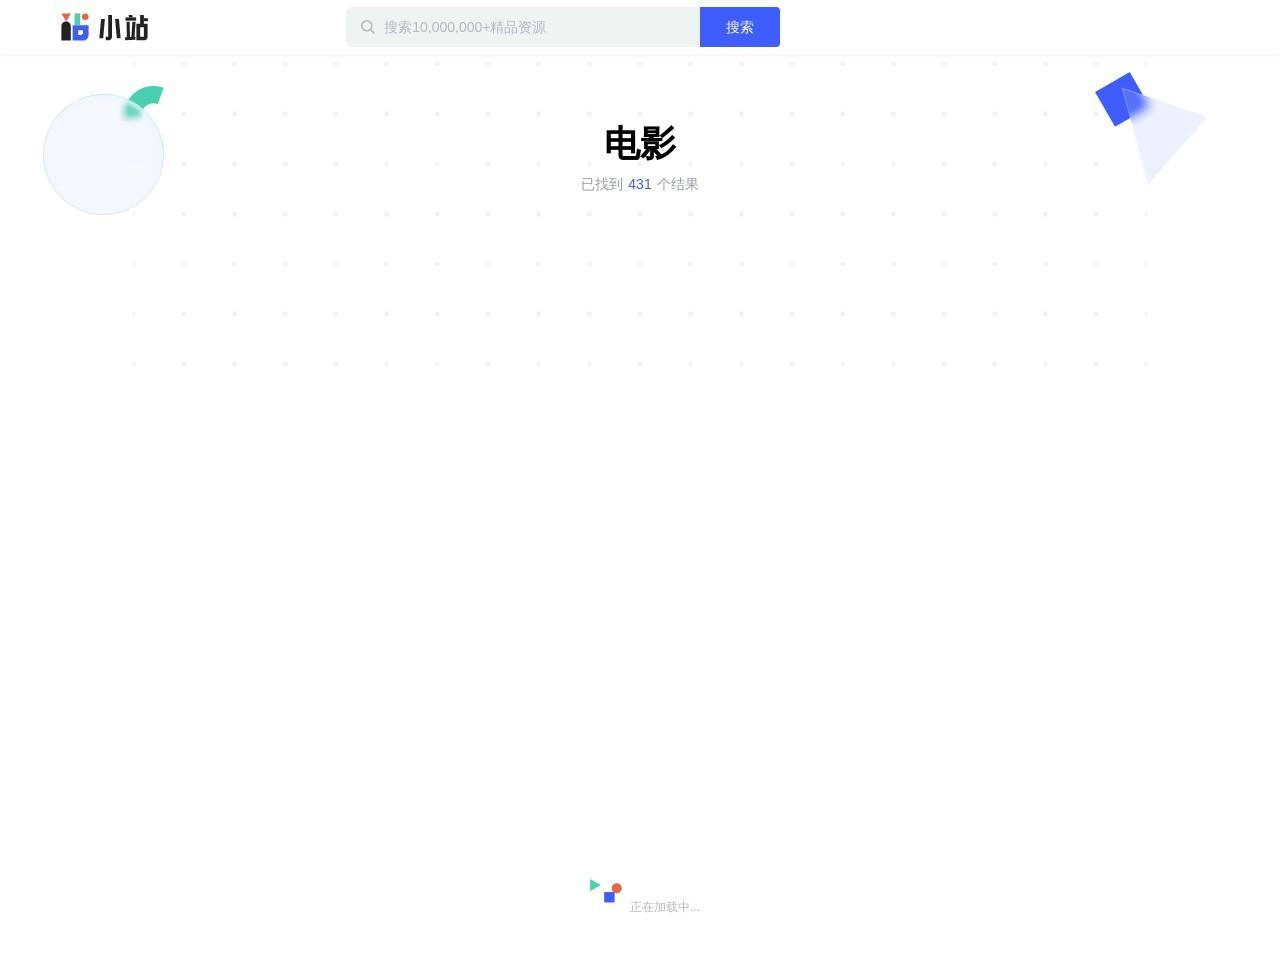 迅雷电影官网-热门高清电影-在线观看-新一代影视资讯推荐平台